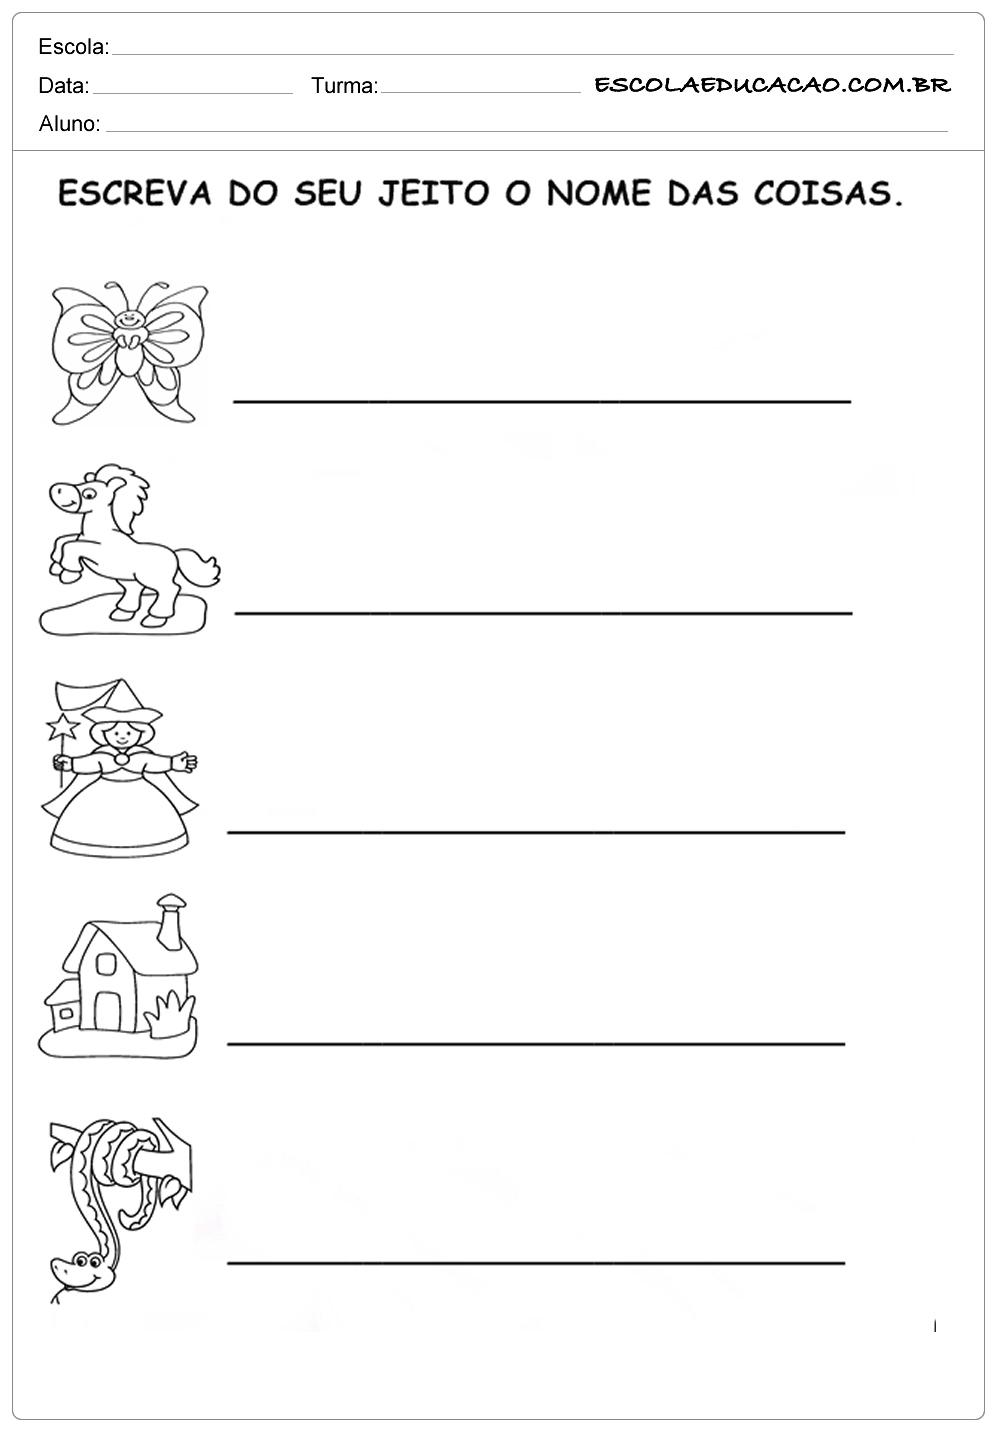 Atividades com letra cursiva para 2º ano escreva